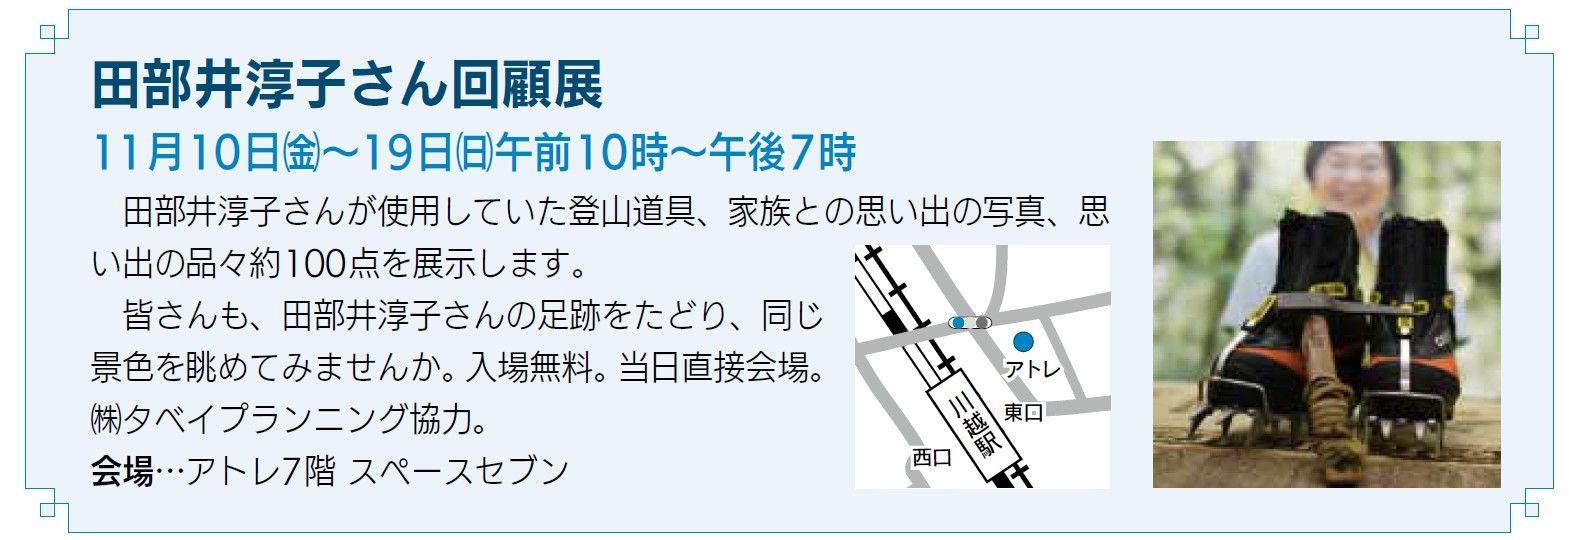 田部井淳子回顧展in川越